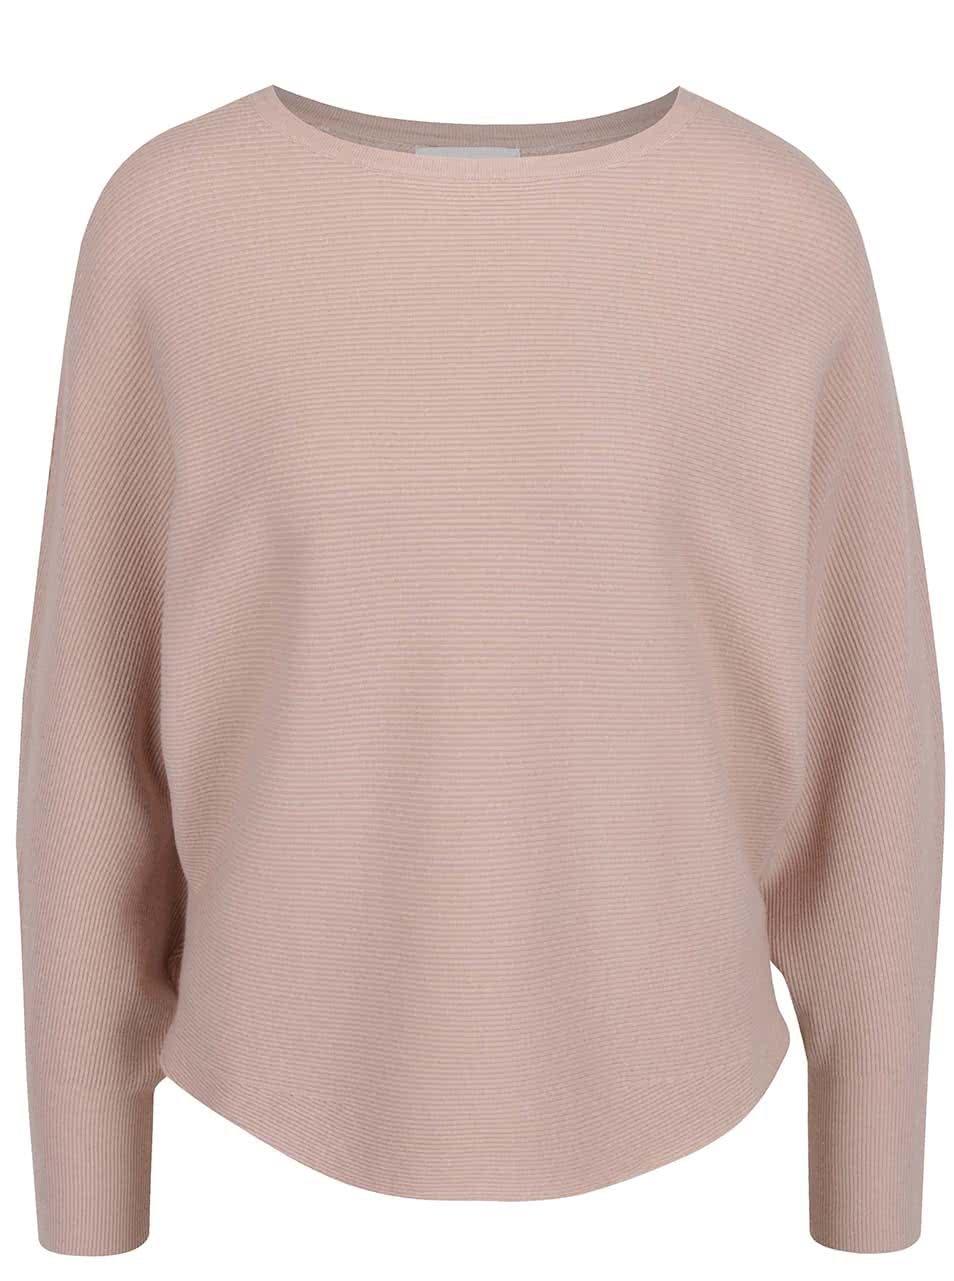 Starorůžový žebrovaný svetr s krajkou na zádech Apricot